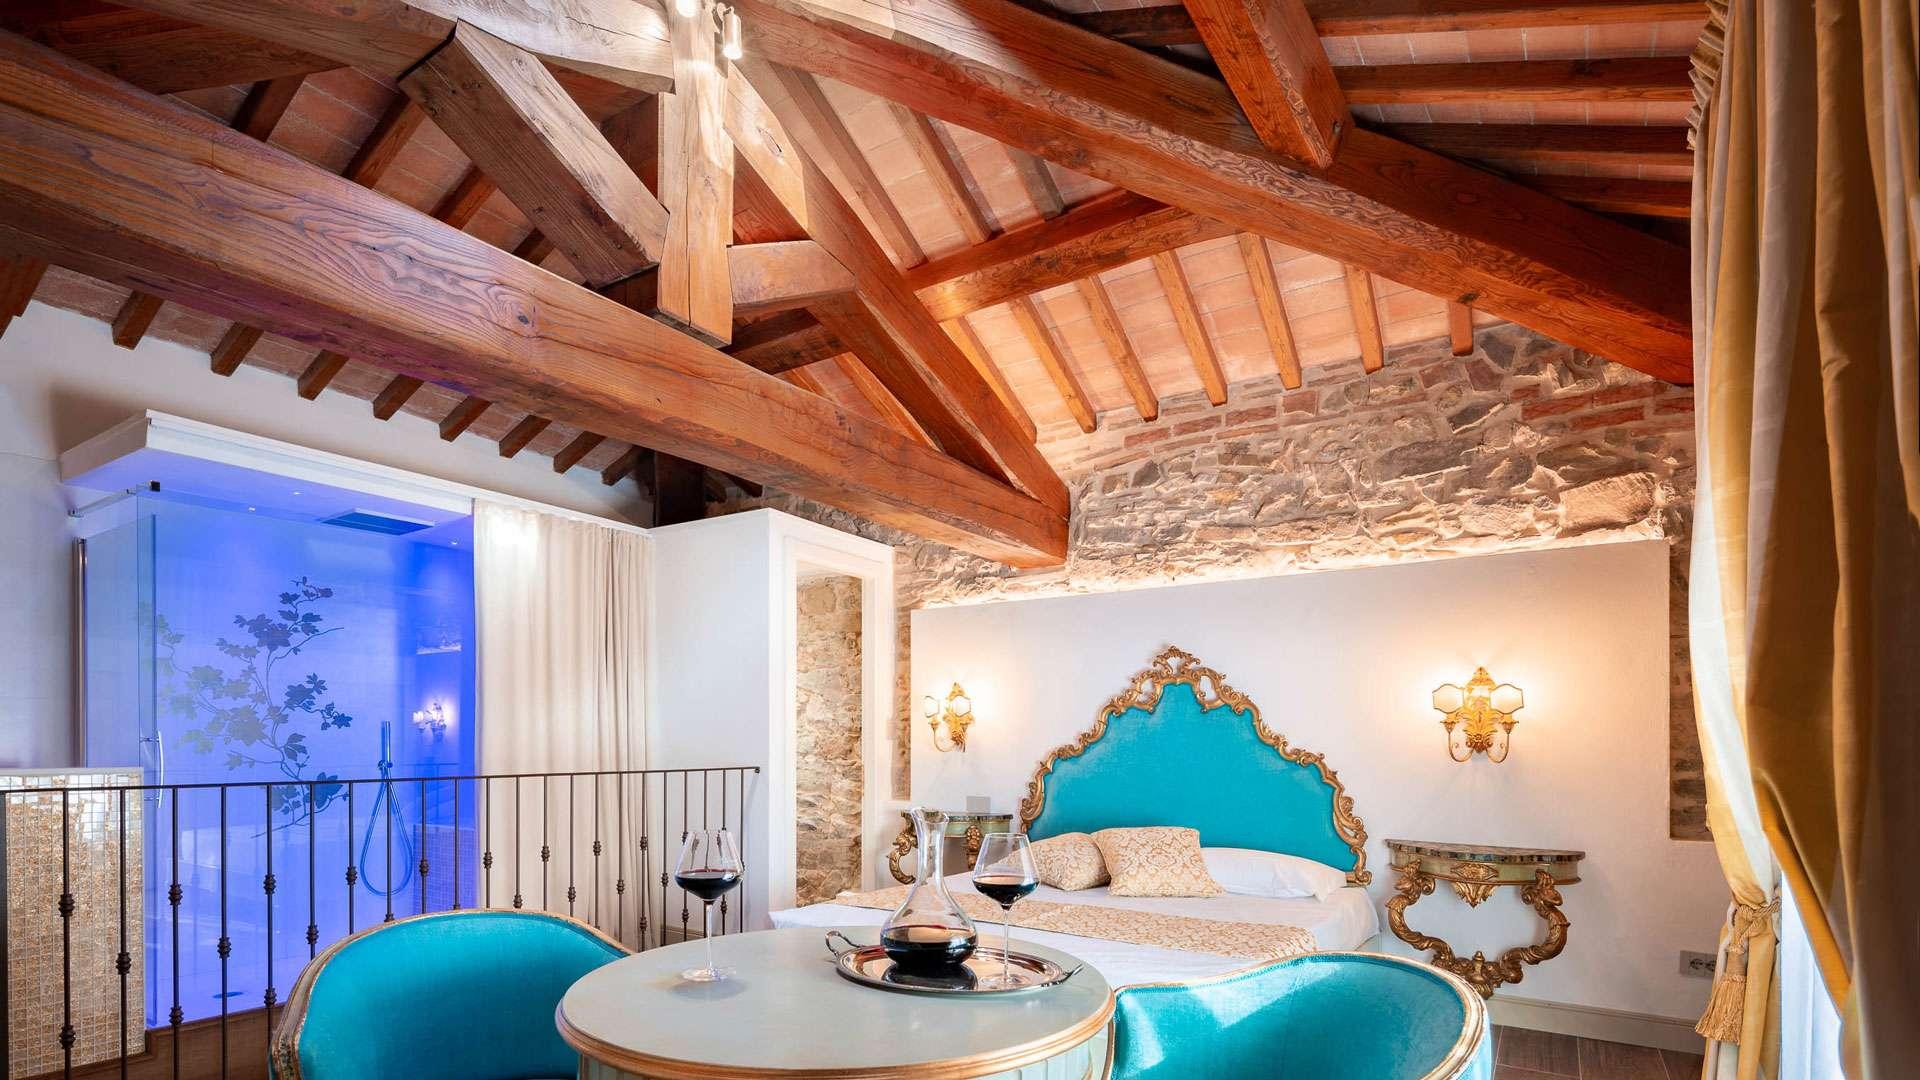 Una delle camere di lusso in campagna vicino a Firenze, con travi in legno e pareti in pietra a vista